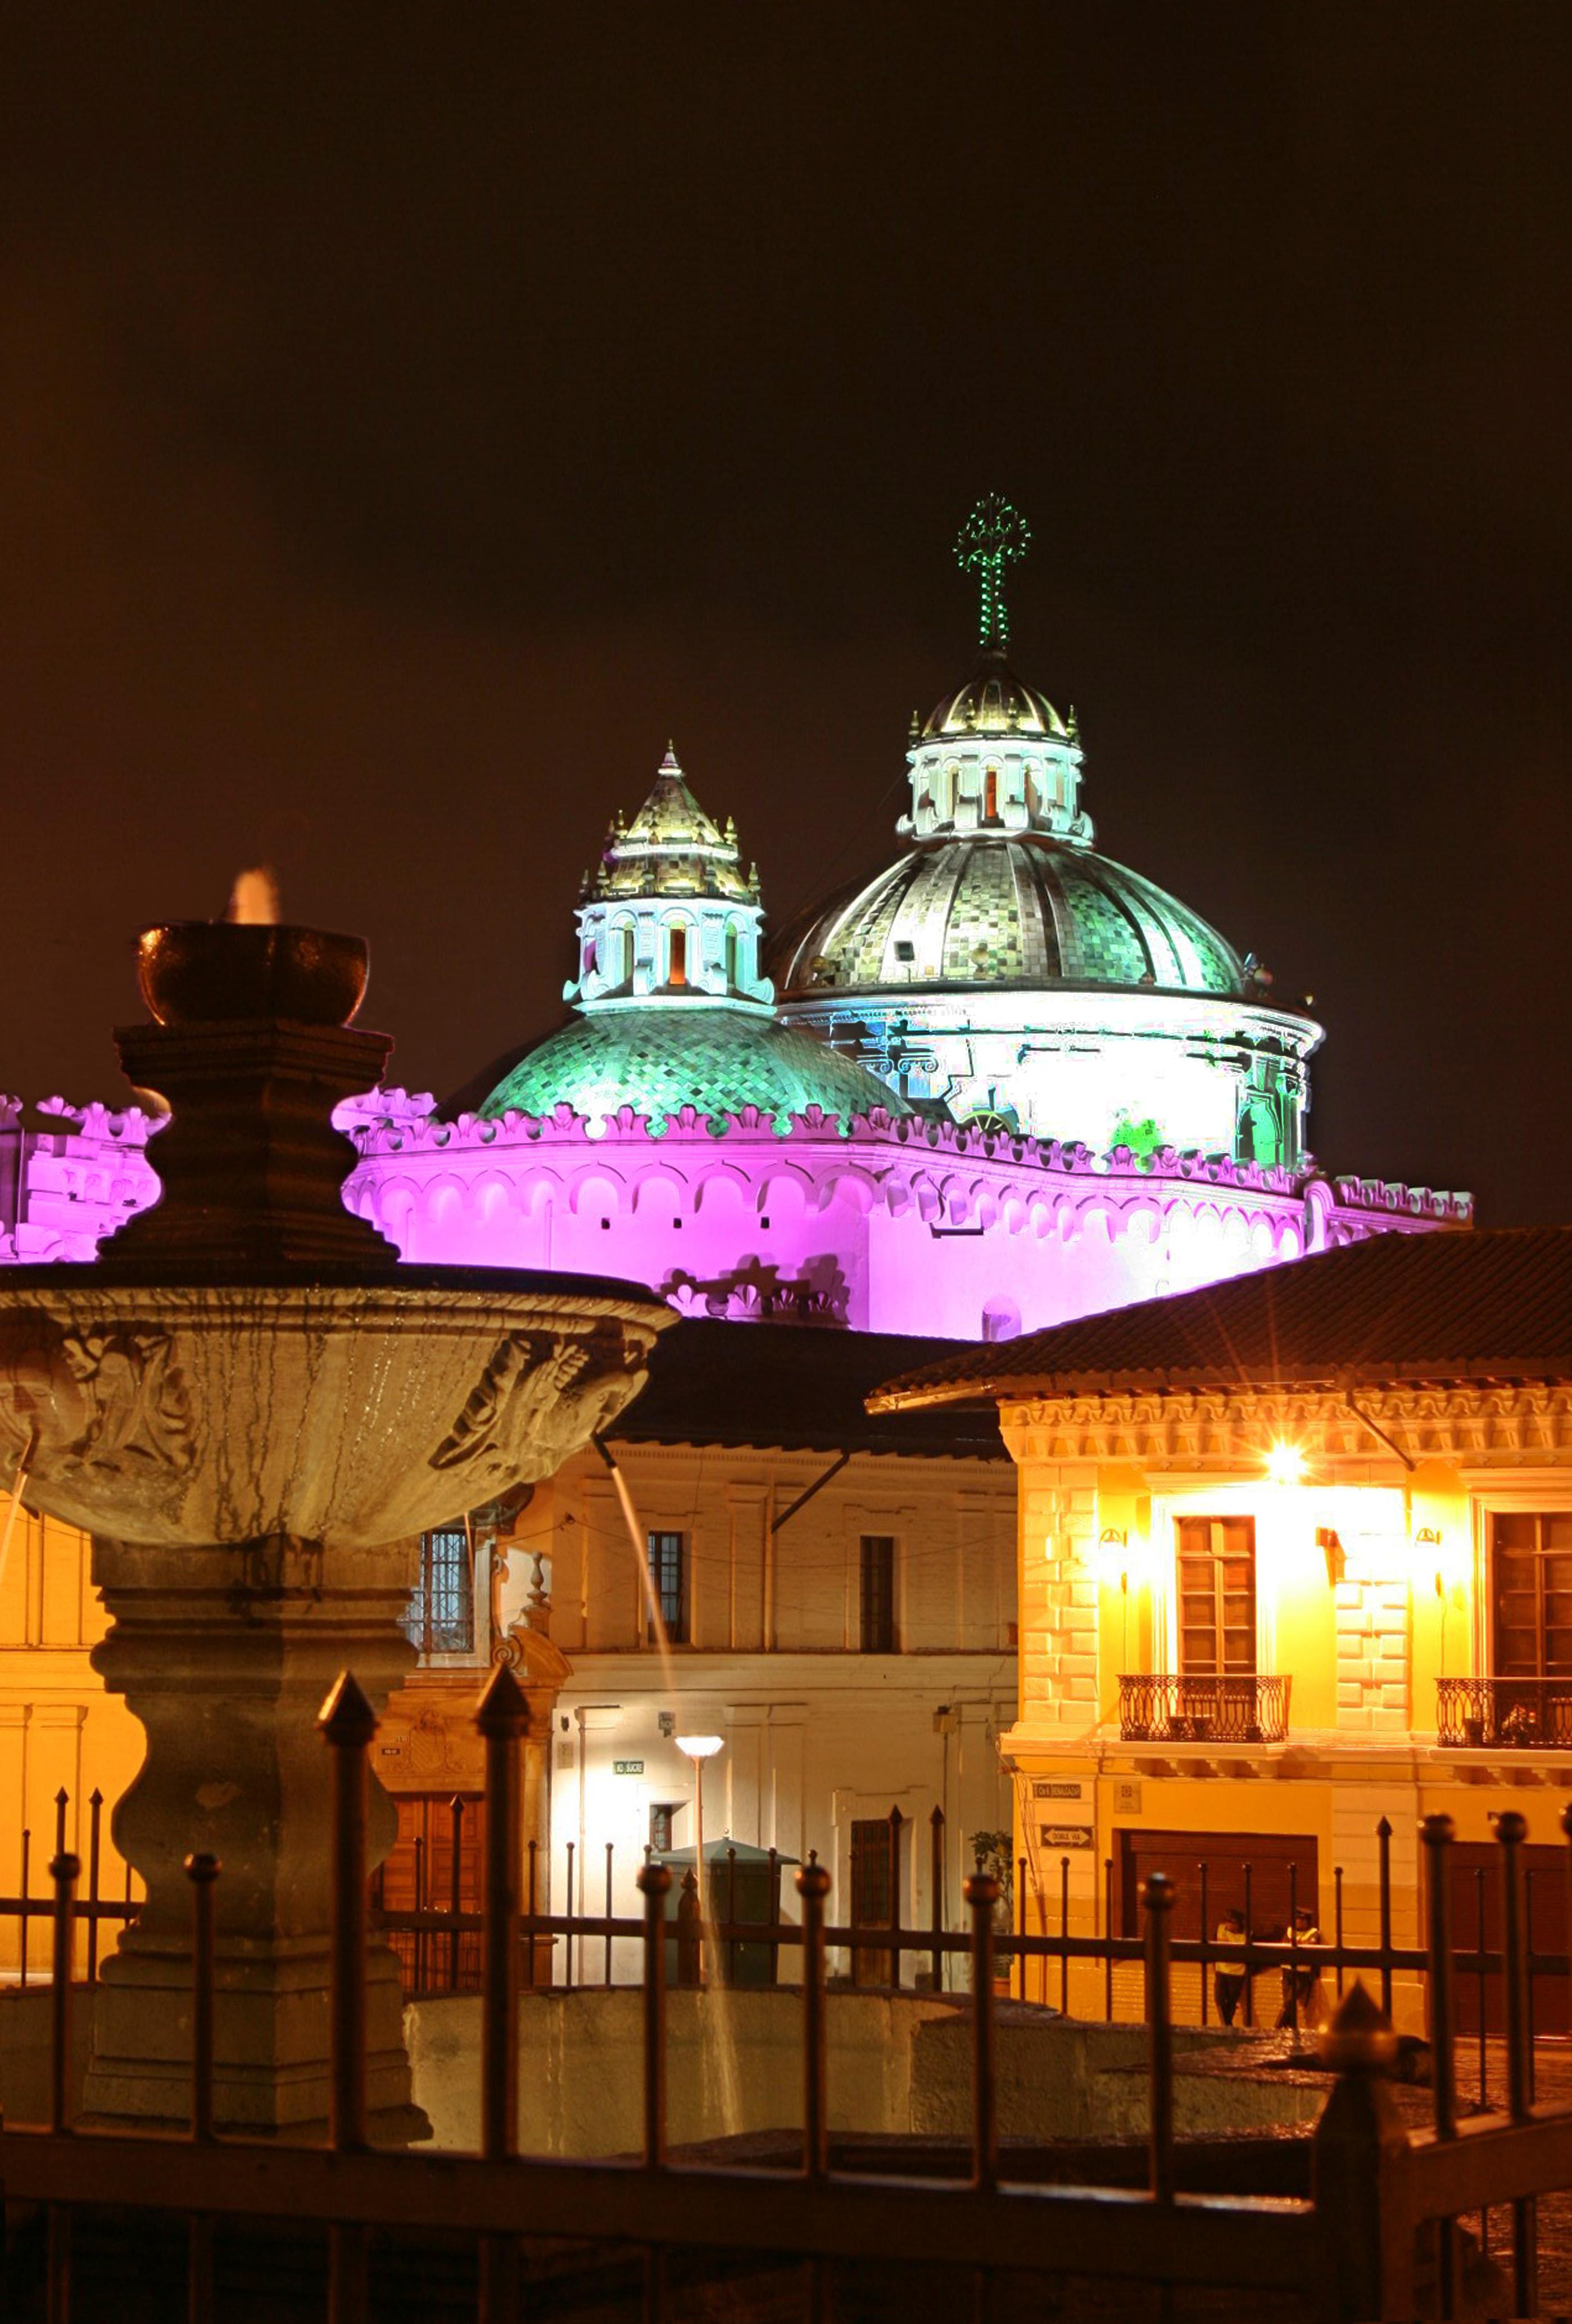 Centro Historico de Quito la Ronda Quito Centro Histórico.jpg